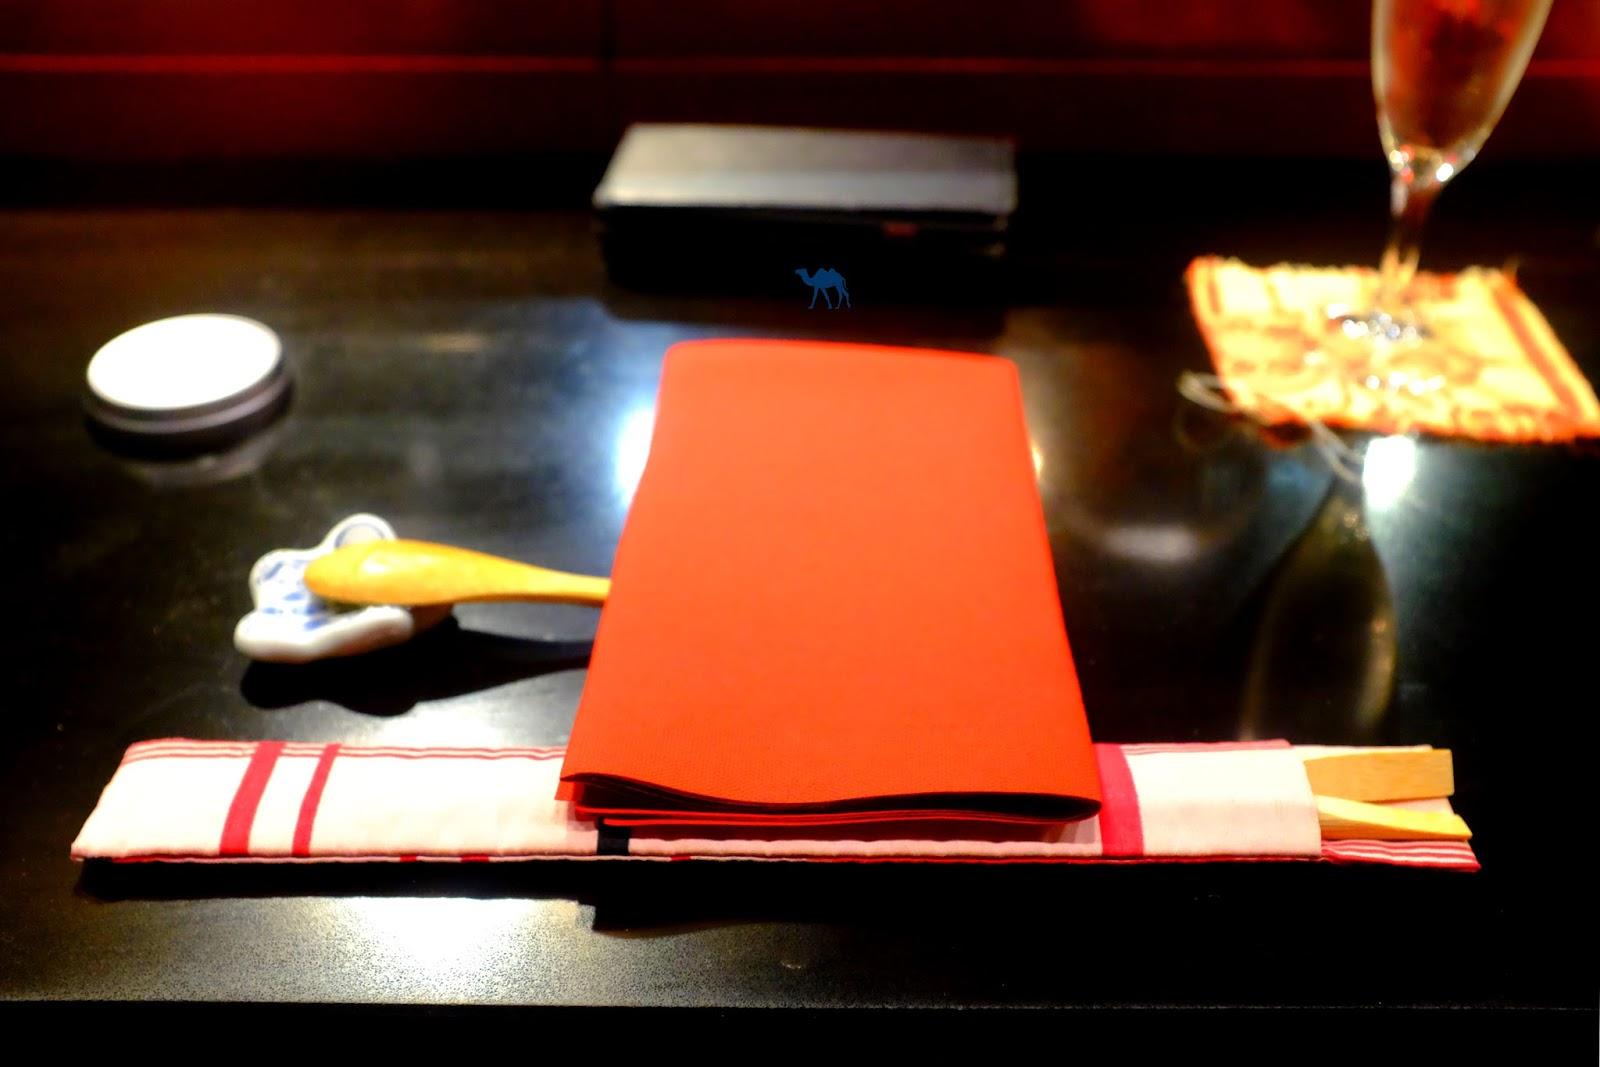 Le Chameau Bleu -  Couverts japonais du restaurant guillon guillon paris